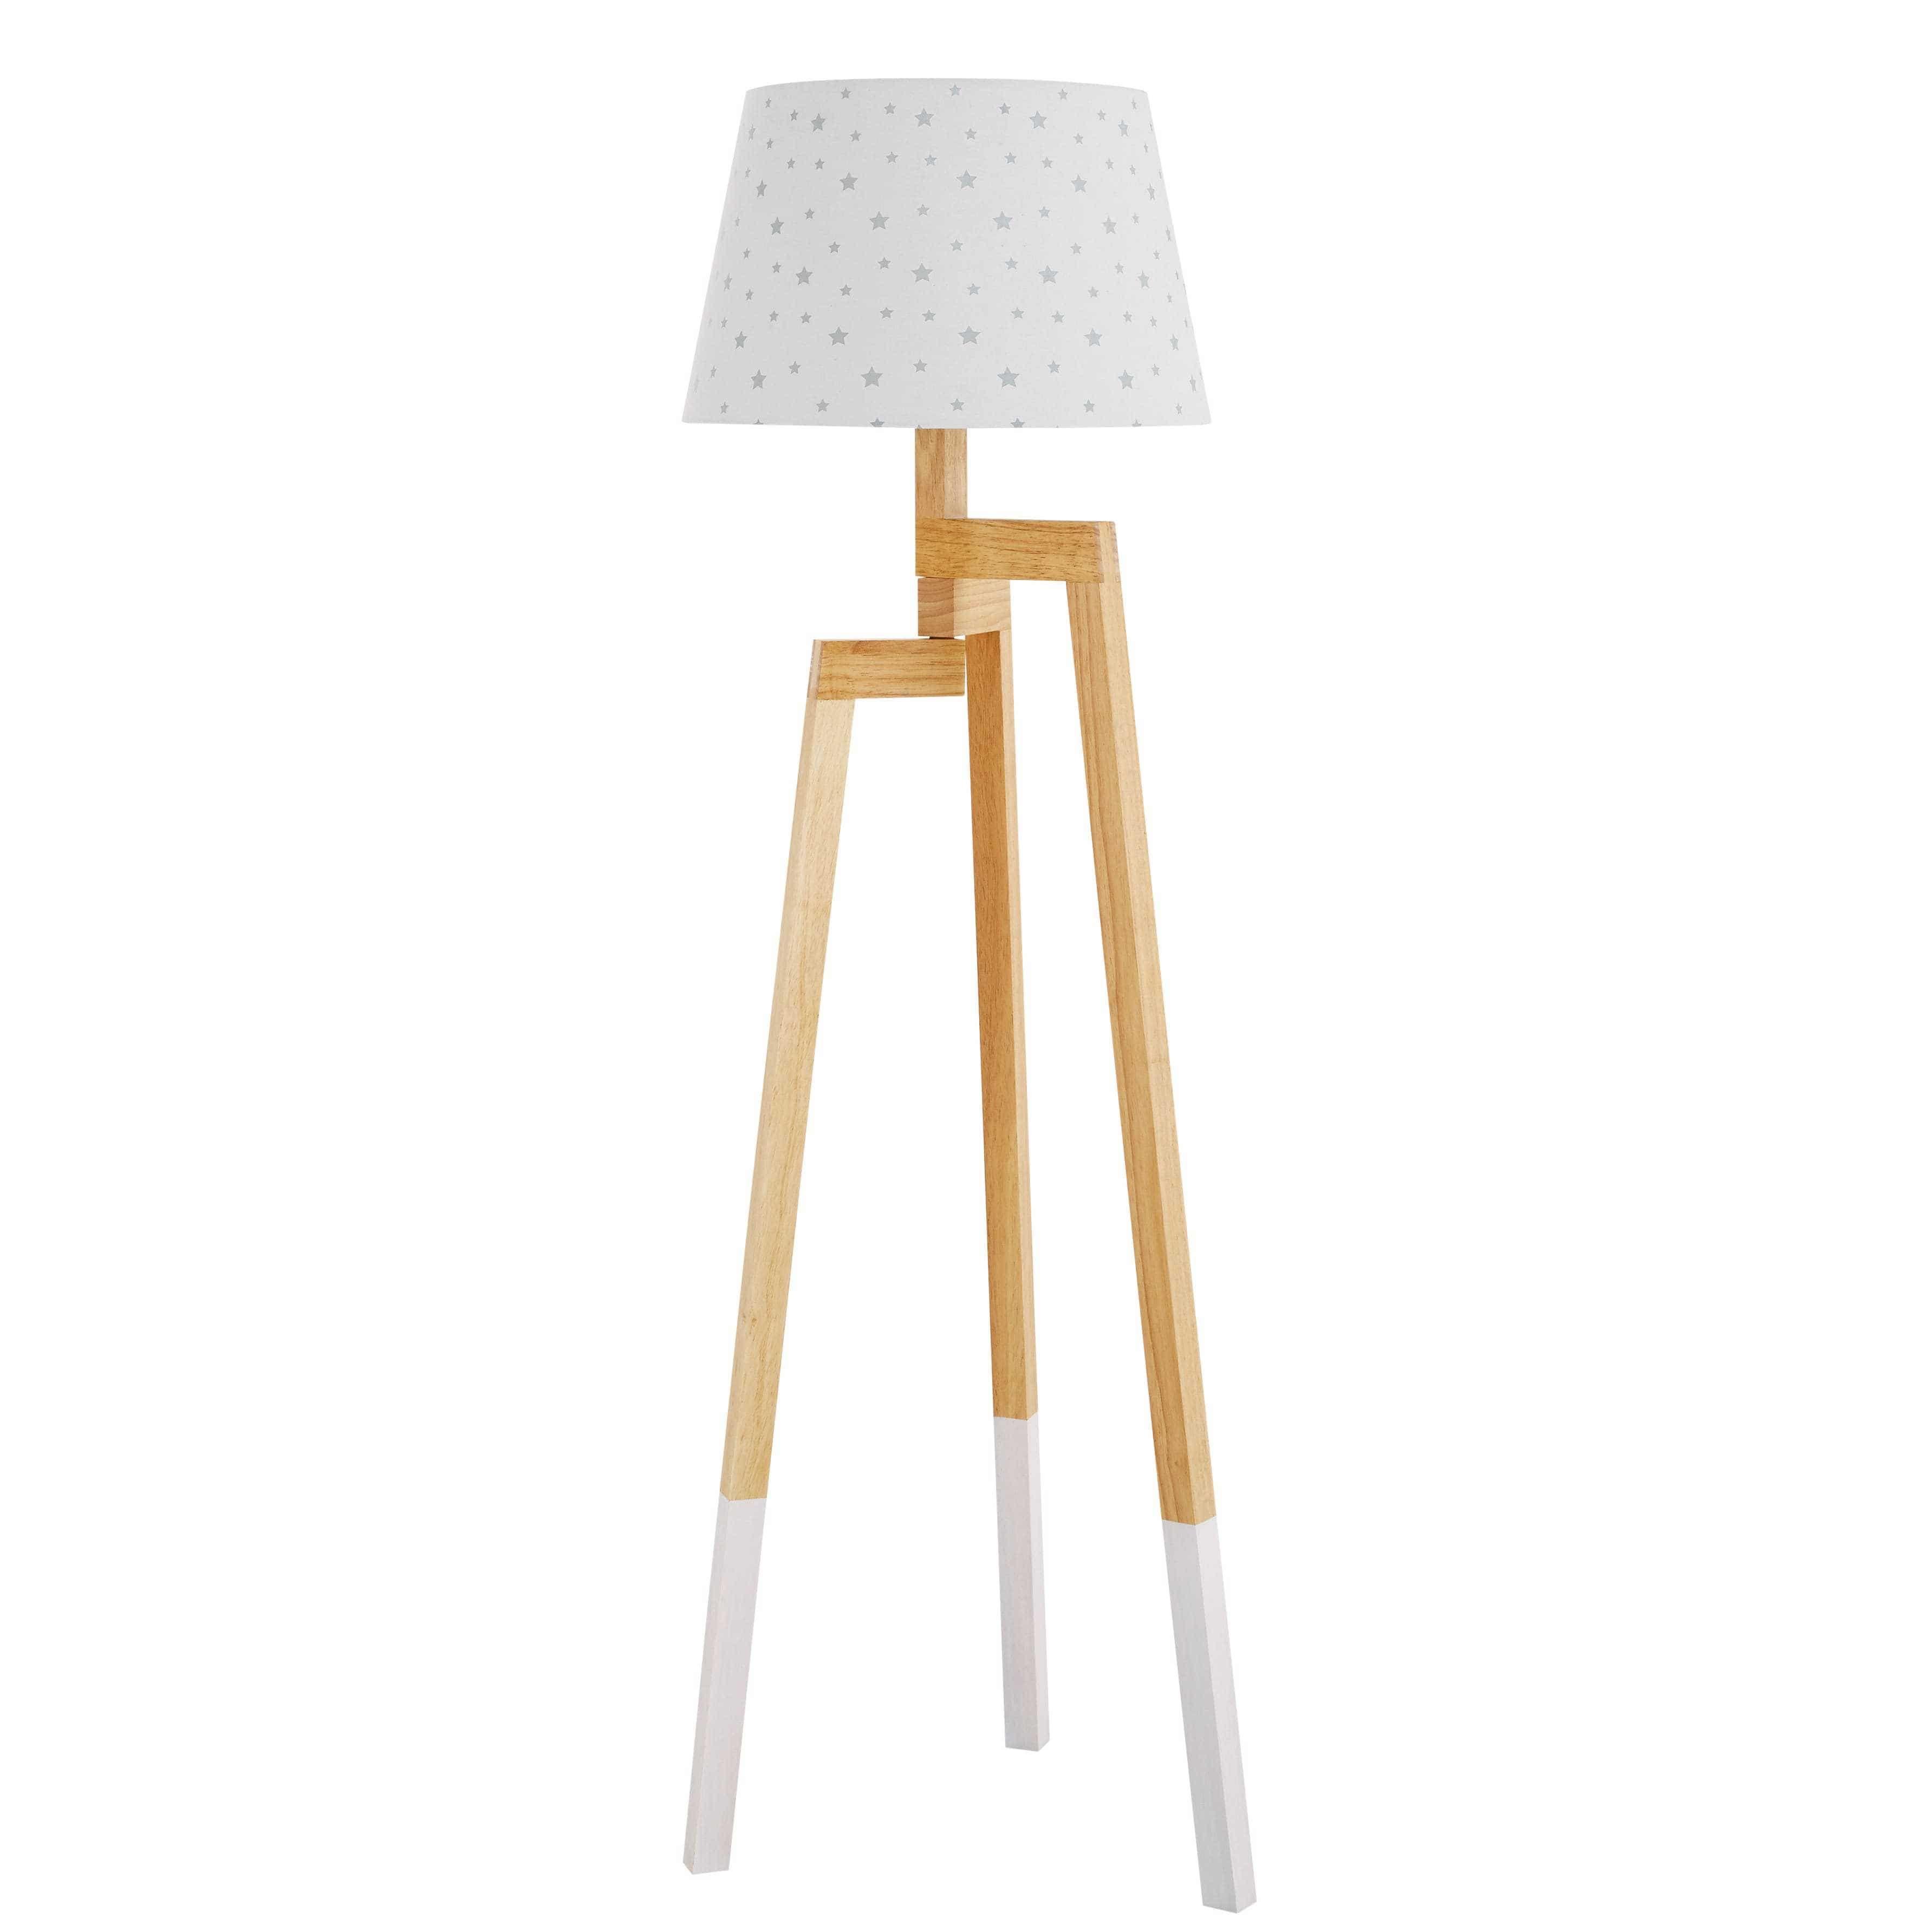 0fc27b39bac5378efc84819e90e83002 Résultat Supérieur 60 Luxe Lampe De Table Sans Fil Photos 2018 Kdh6